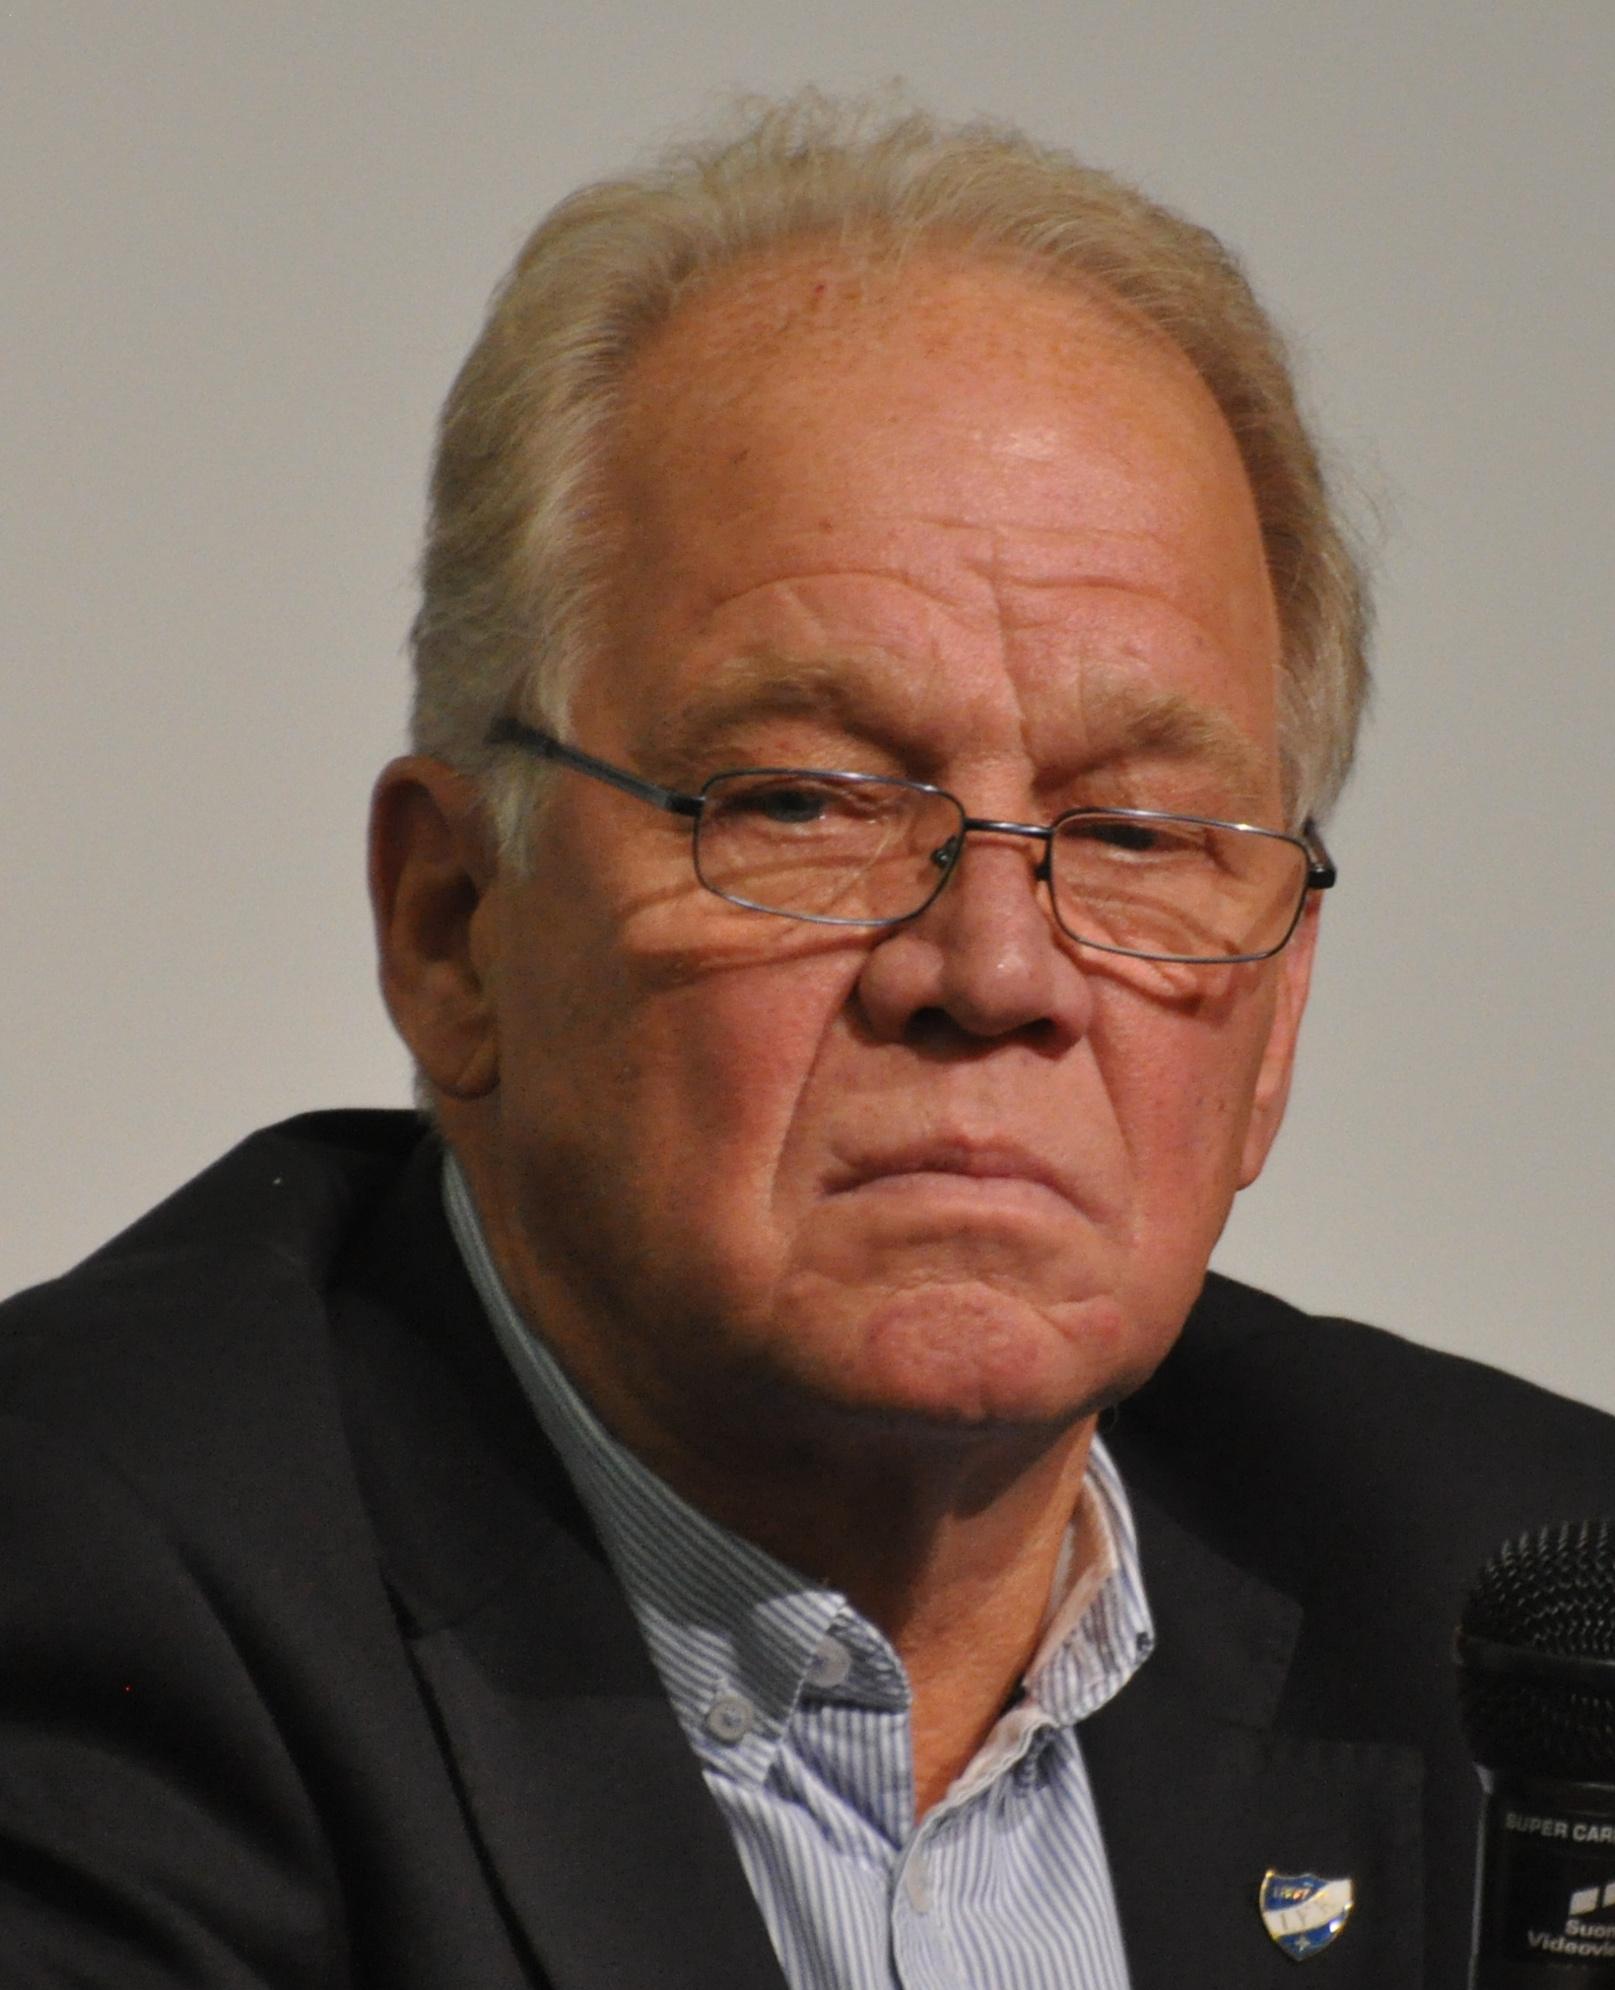 Jukka Ketola